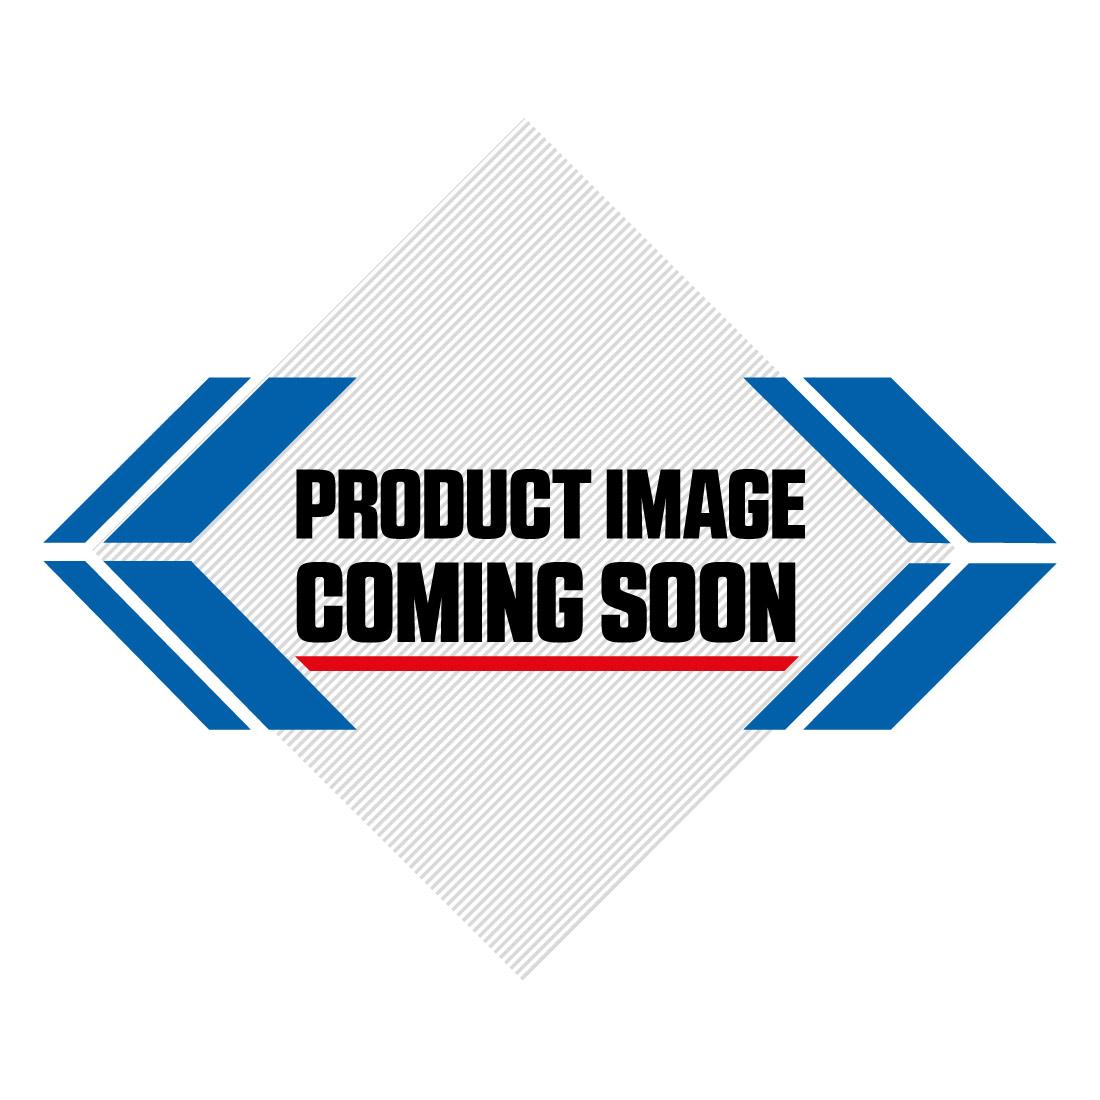 Kawasaki Plastic Kit KX 125 250 (03-04) OEM Factory Image-2